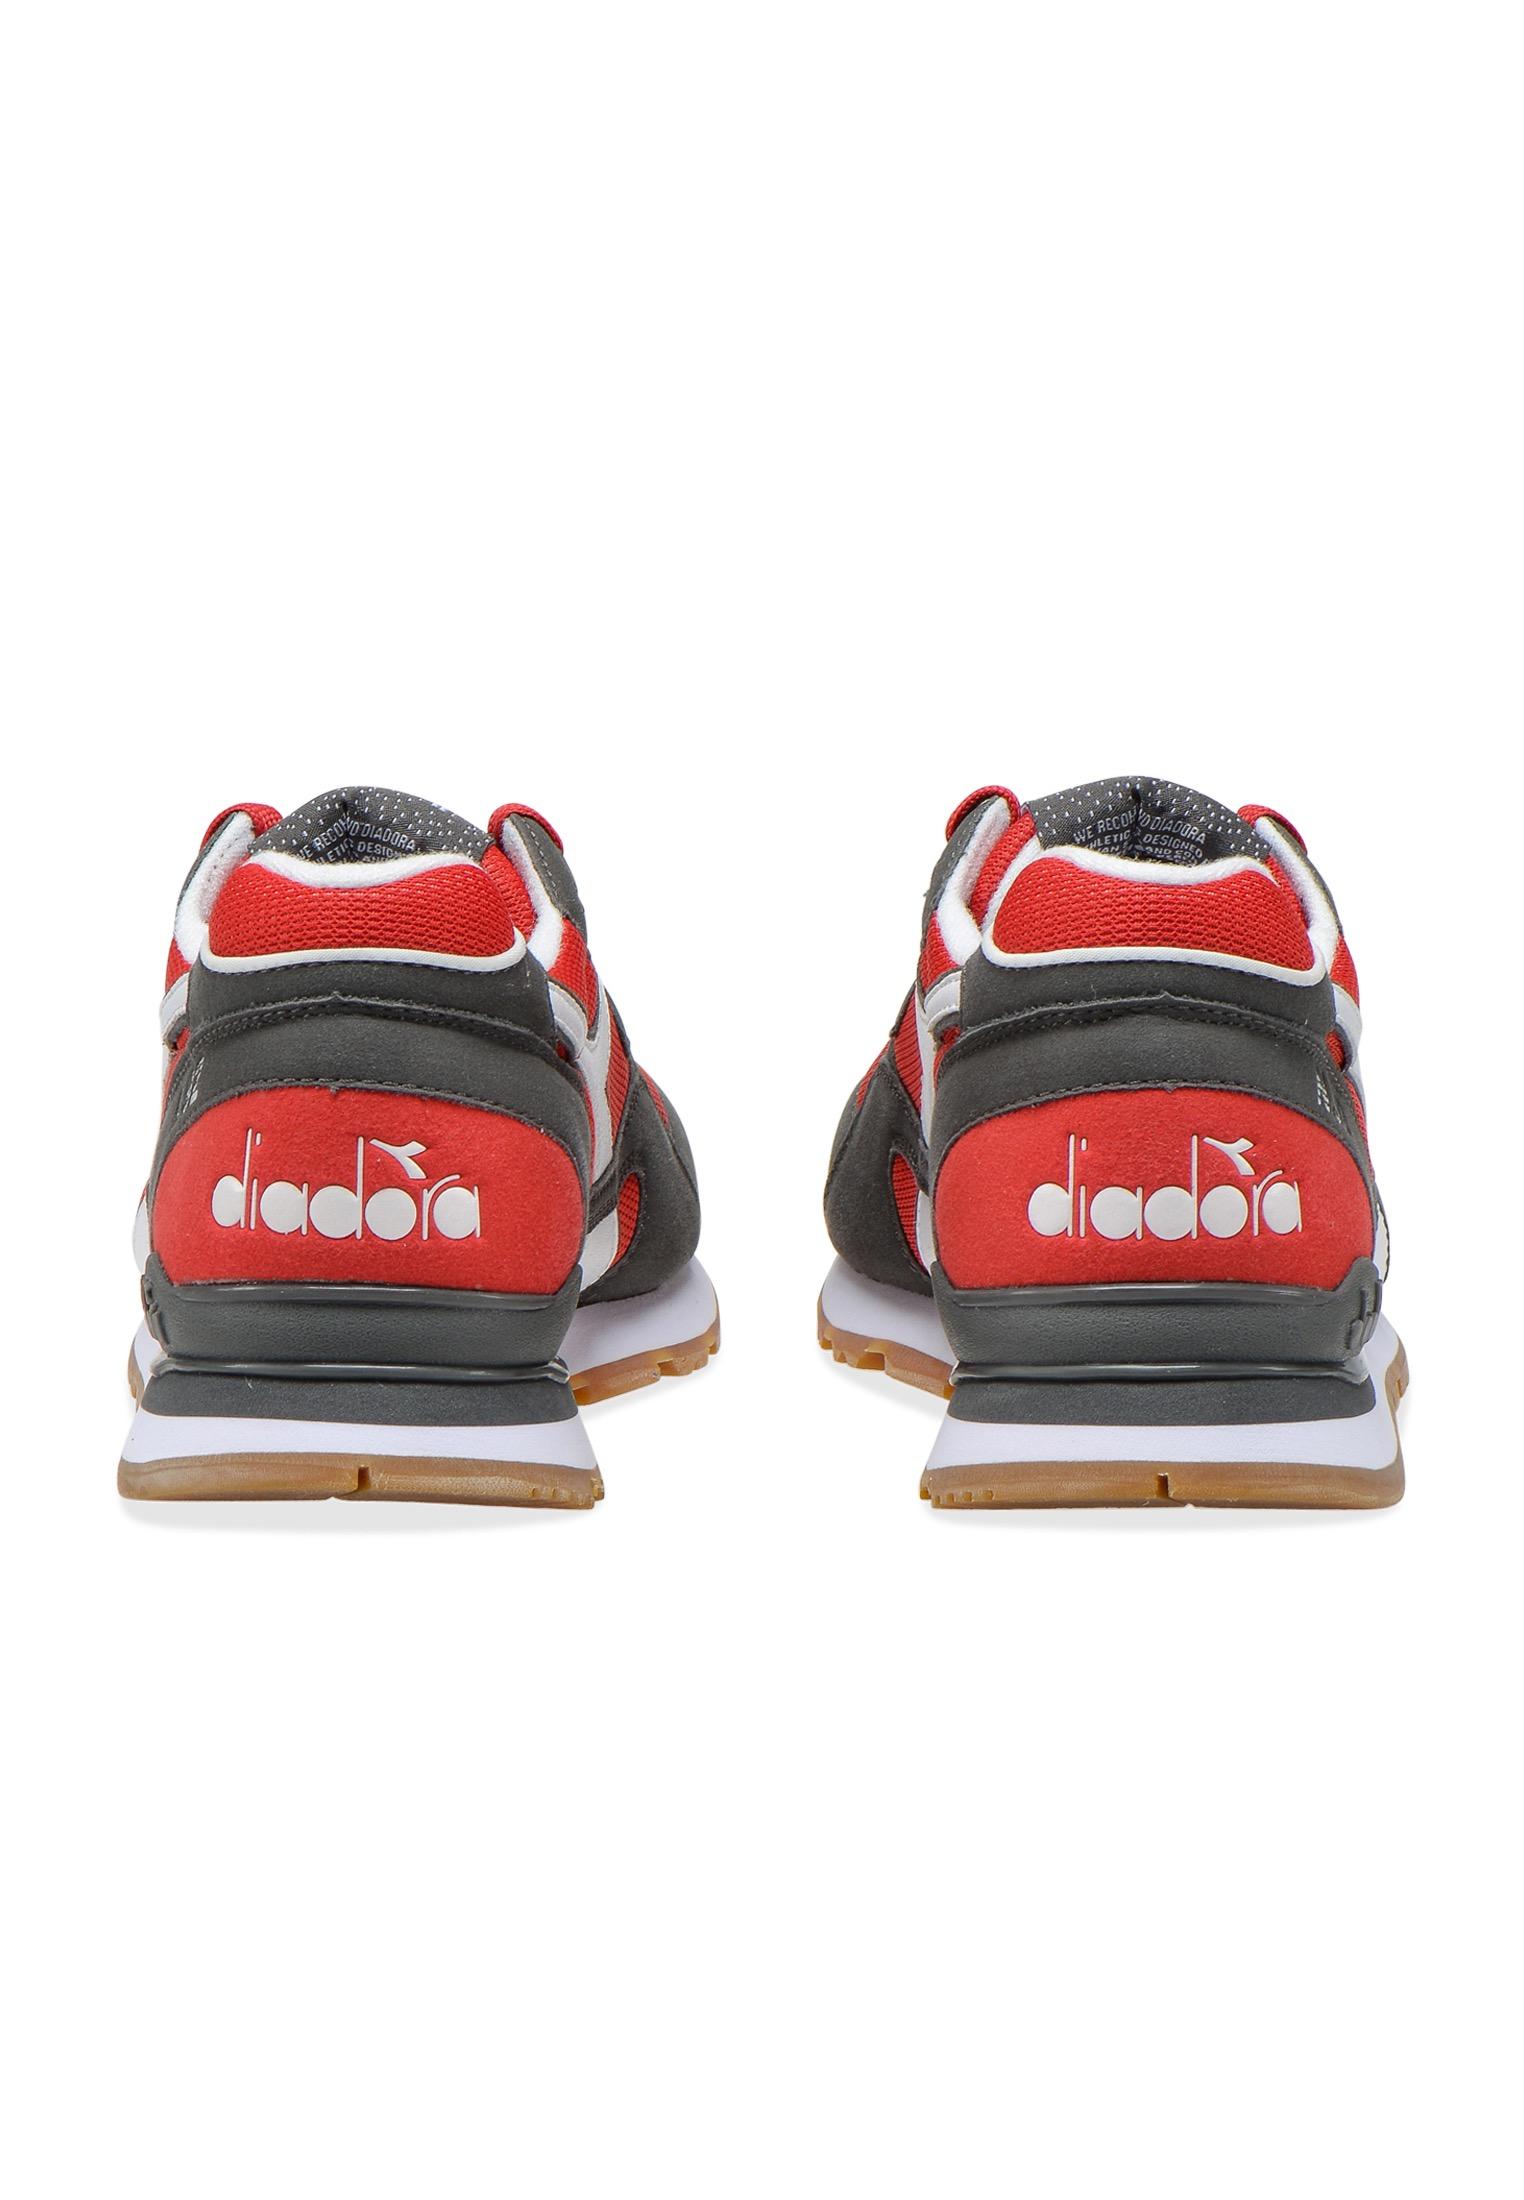 miniatura 13 - Diadora - Sneakers N.92 per uomo e donna